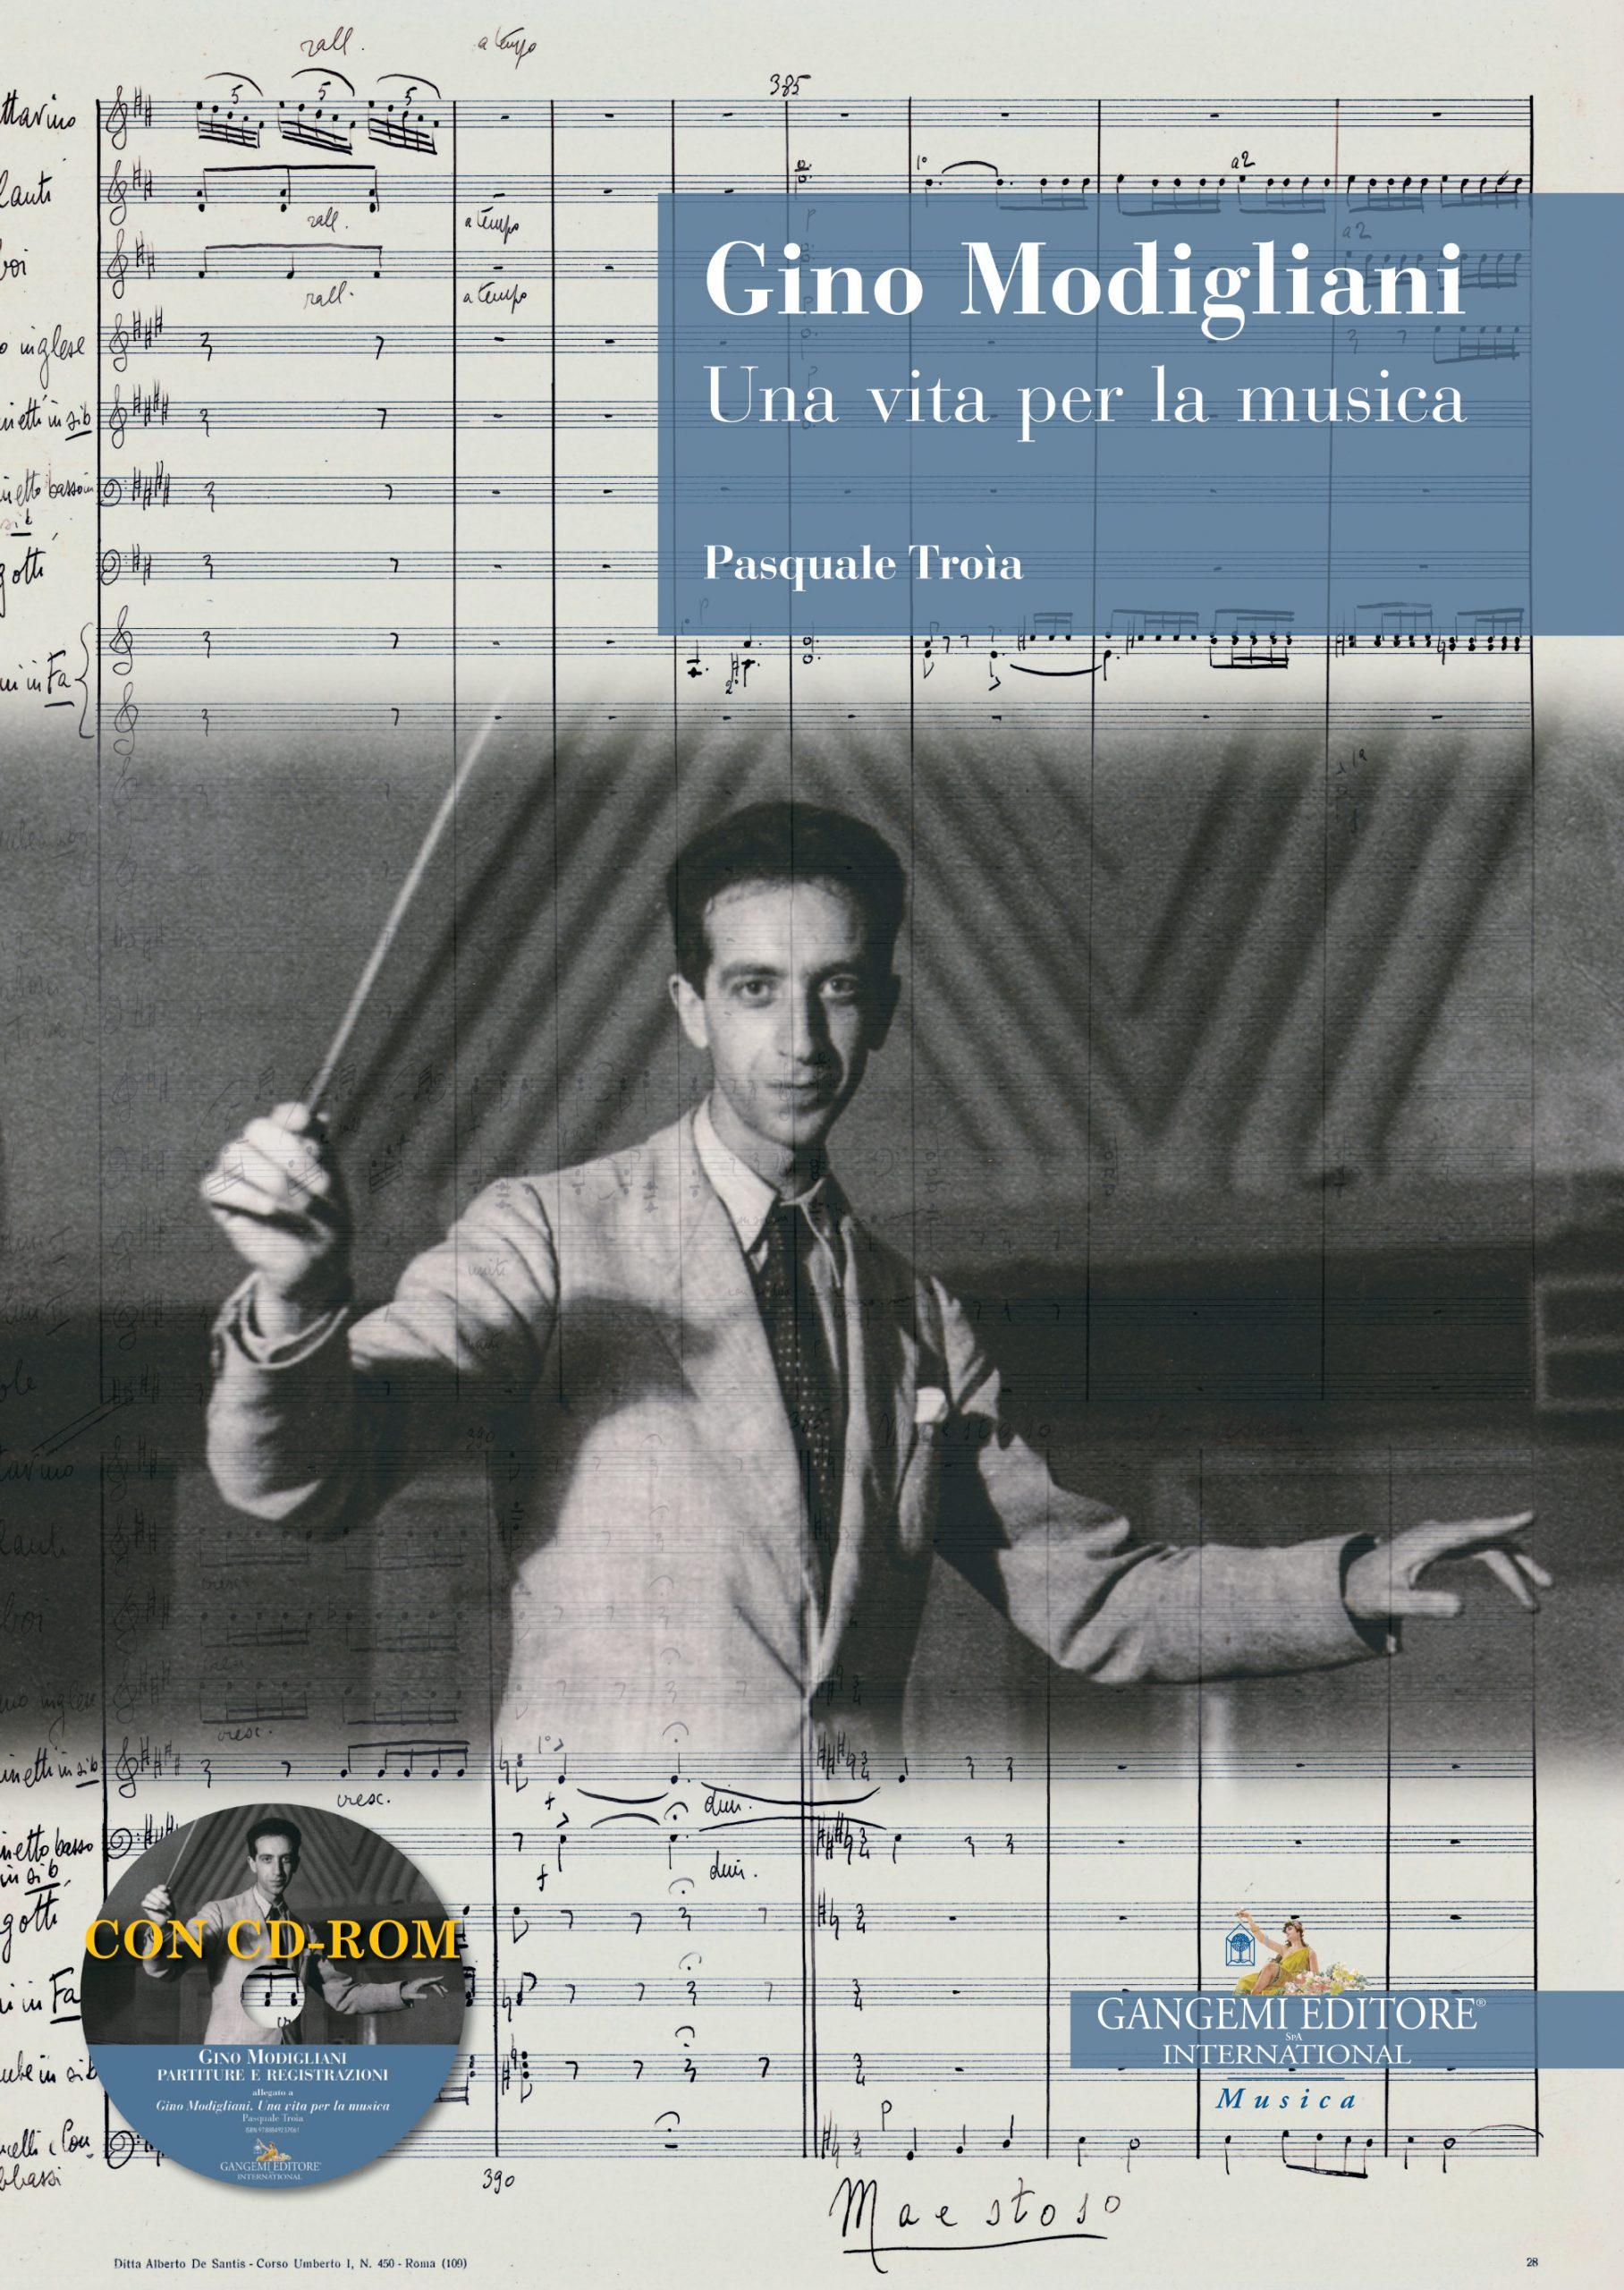 Gino Modigliani